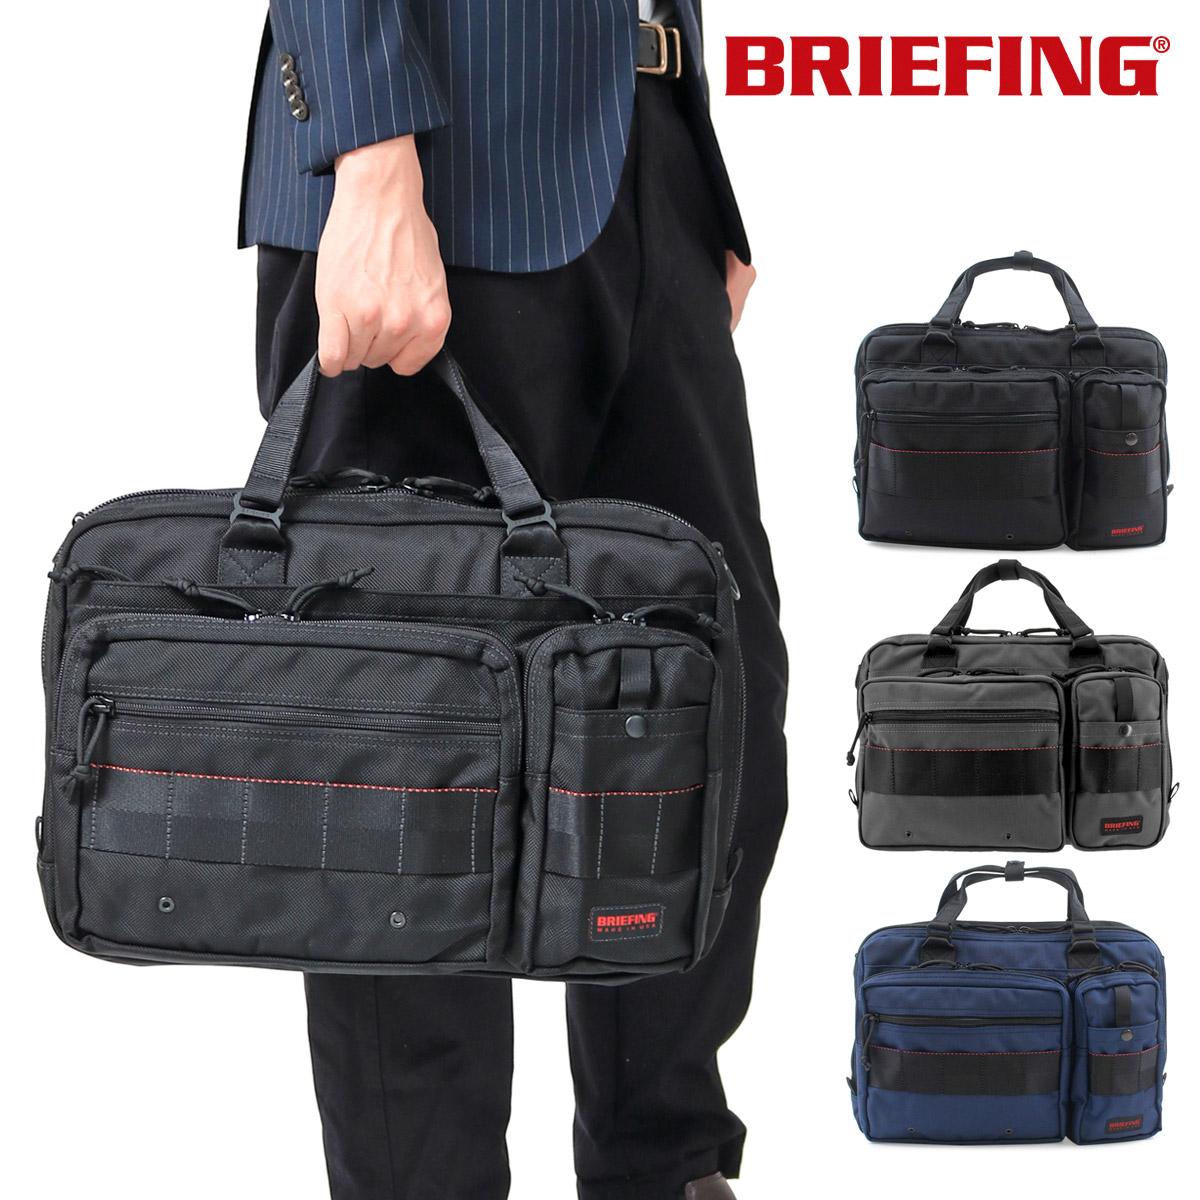 ブリーフィング ブリーフケース USA BRF174219 BRIEFING A4 LINER 2WAY ショルダー ビジネスバッグ キャリーオン セットアップ ビジネス バリスティックナイロン メンズ[bef][即日発送][PO10]